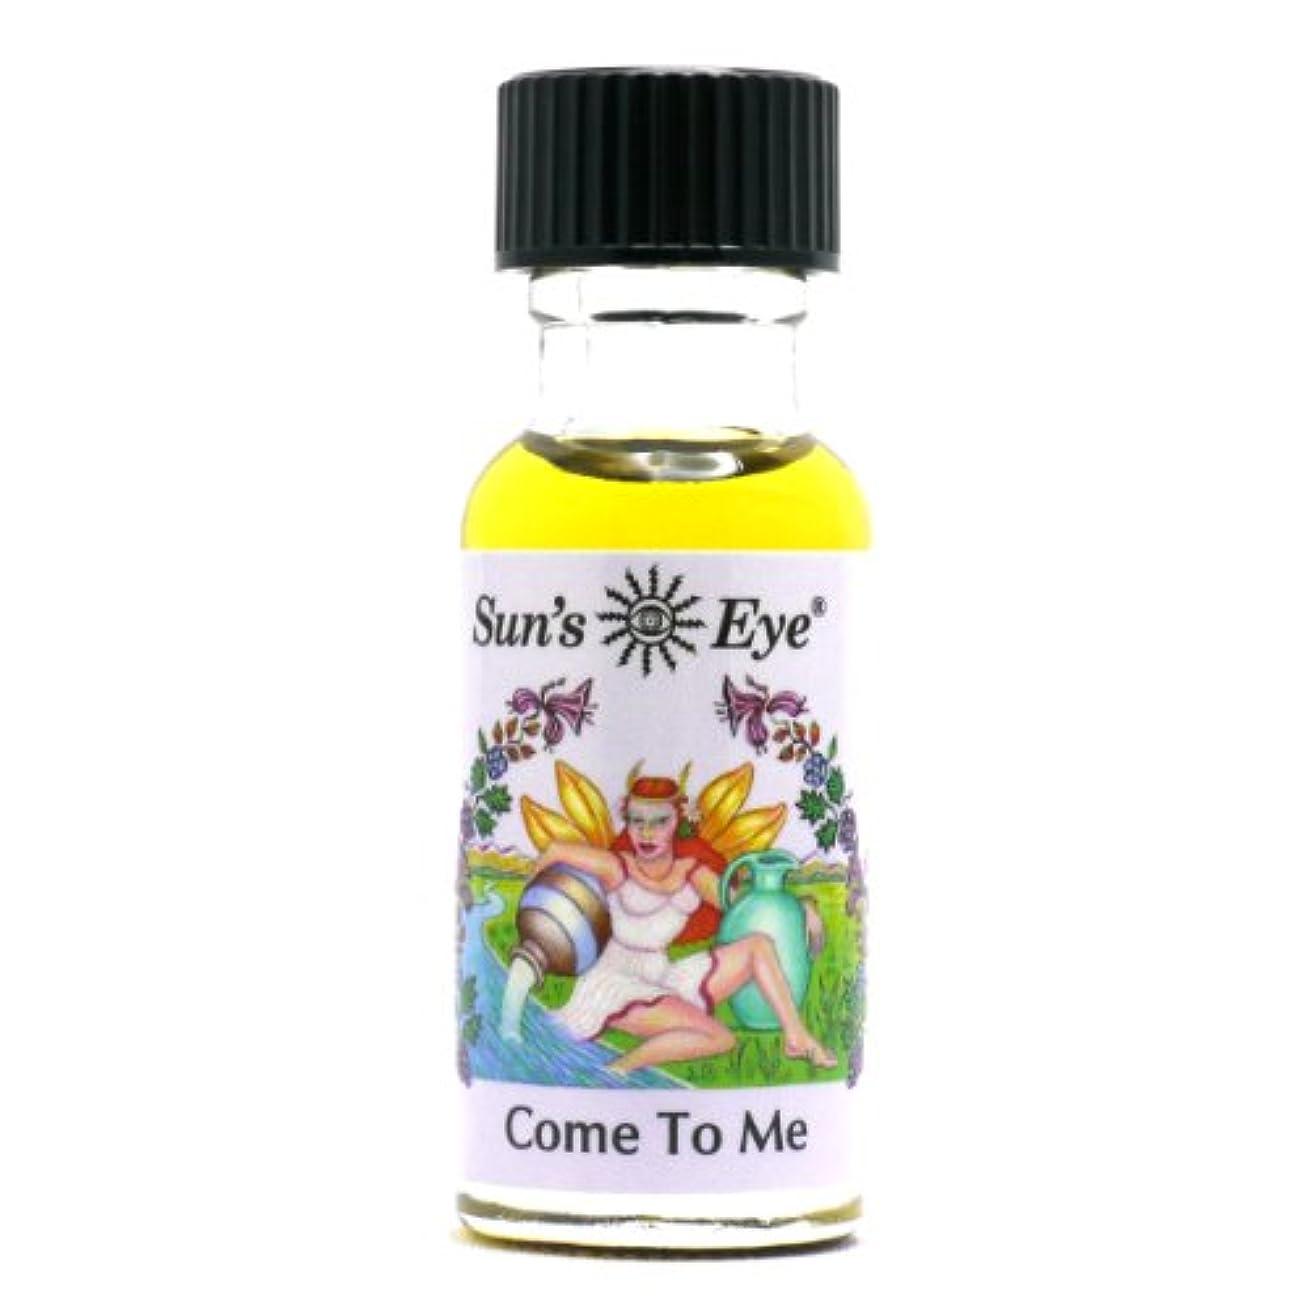 アリ忠実に内側【Sun'sEye サンズアイ】Mystic Blends(ミスティックブレンドオイル)Come to me(カムトゥミー)